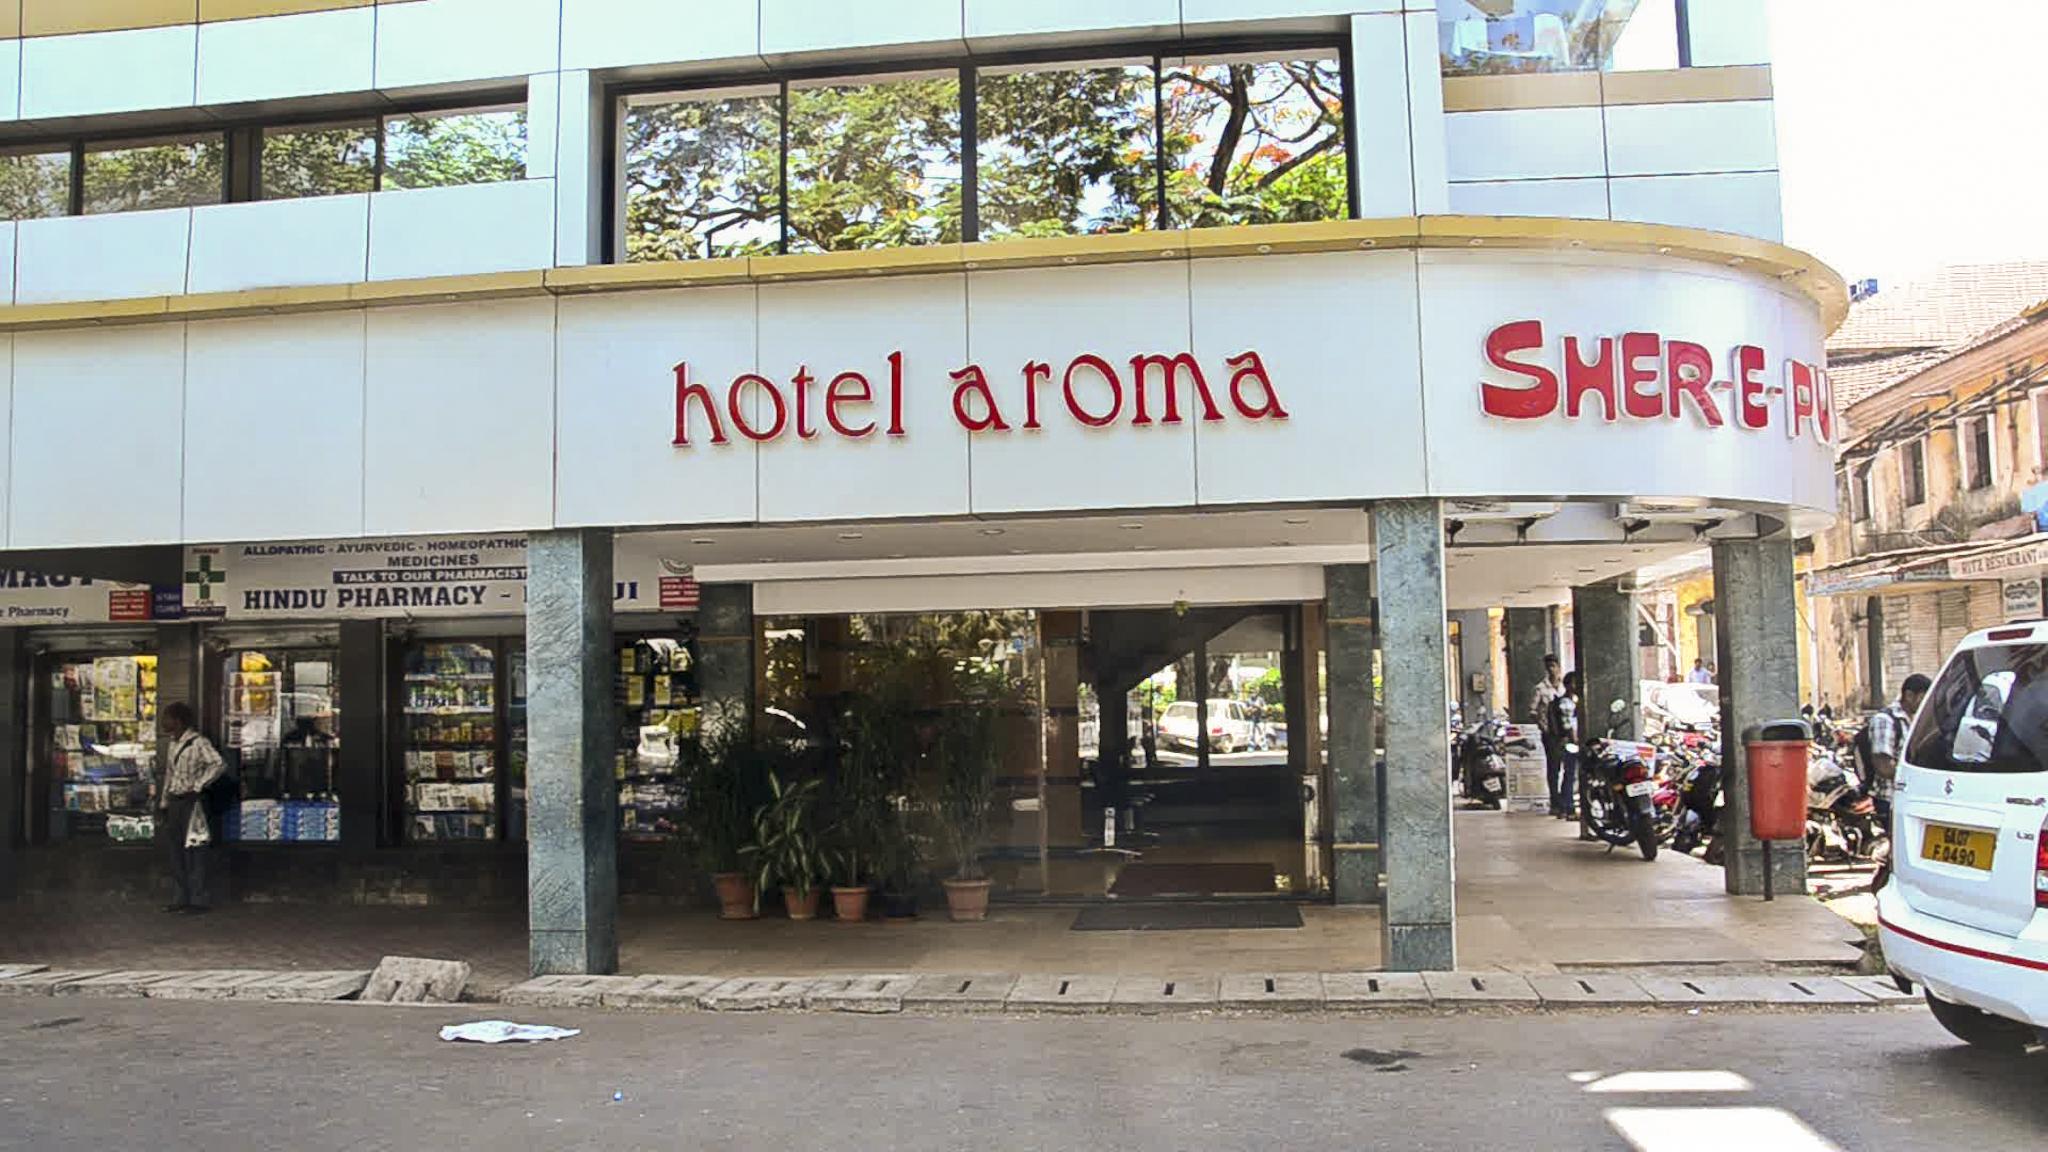 Hotel Aroma in Pilerne